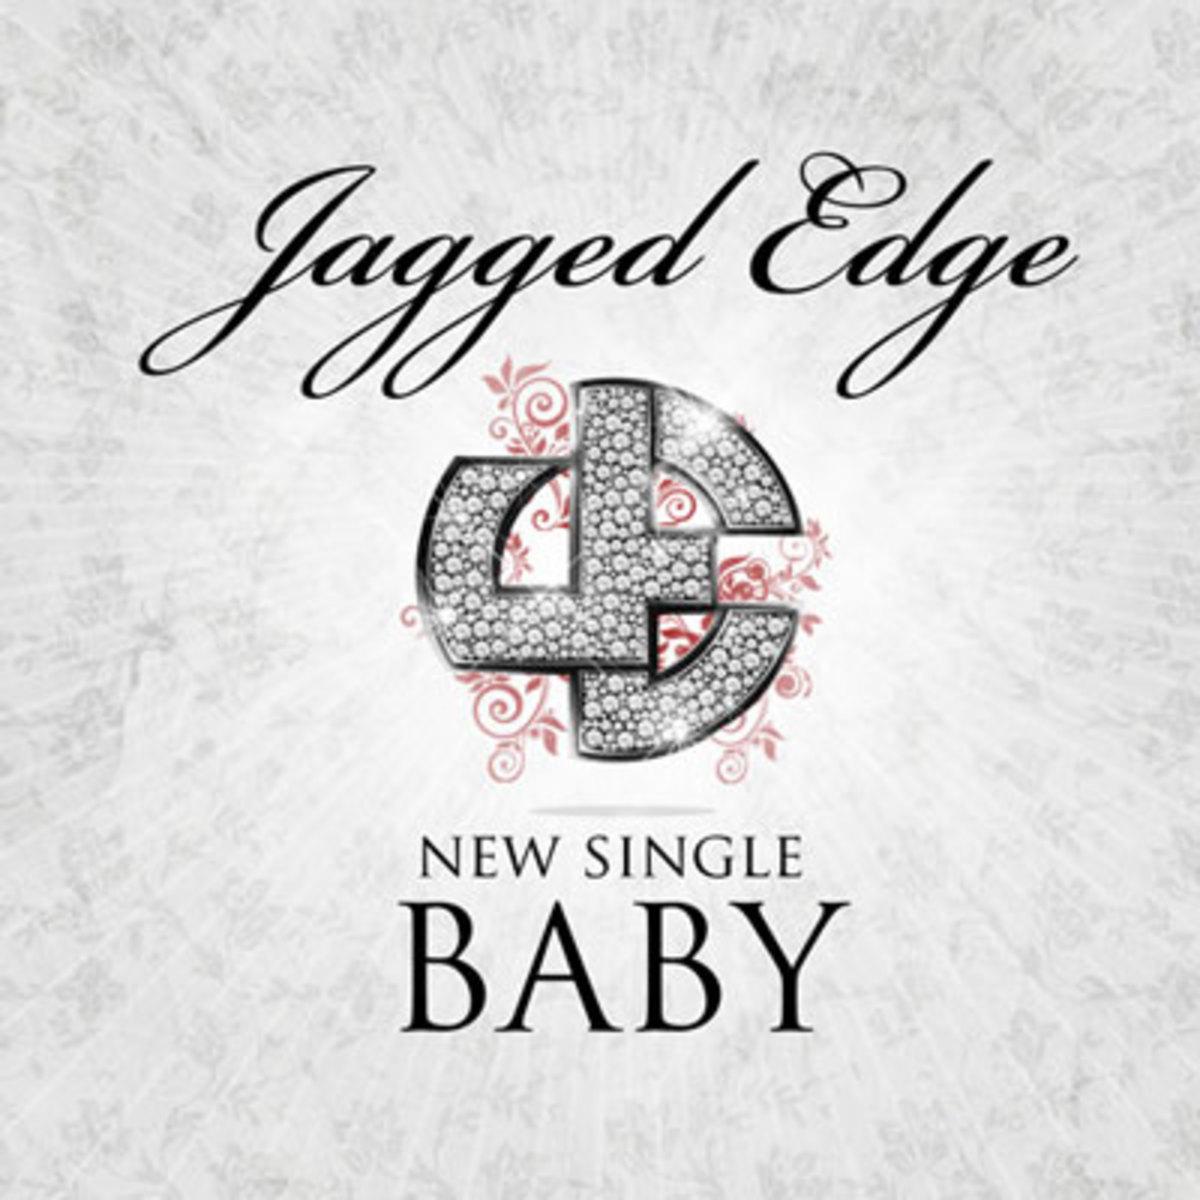 jaggededge-baby.jpg